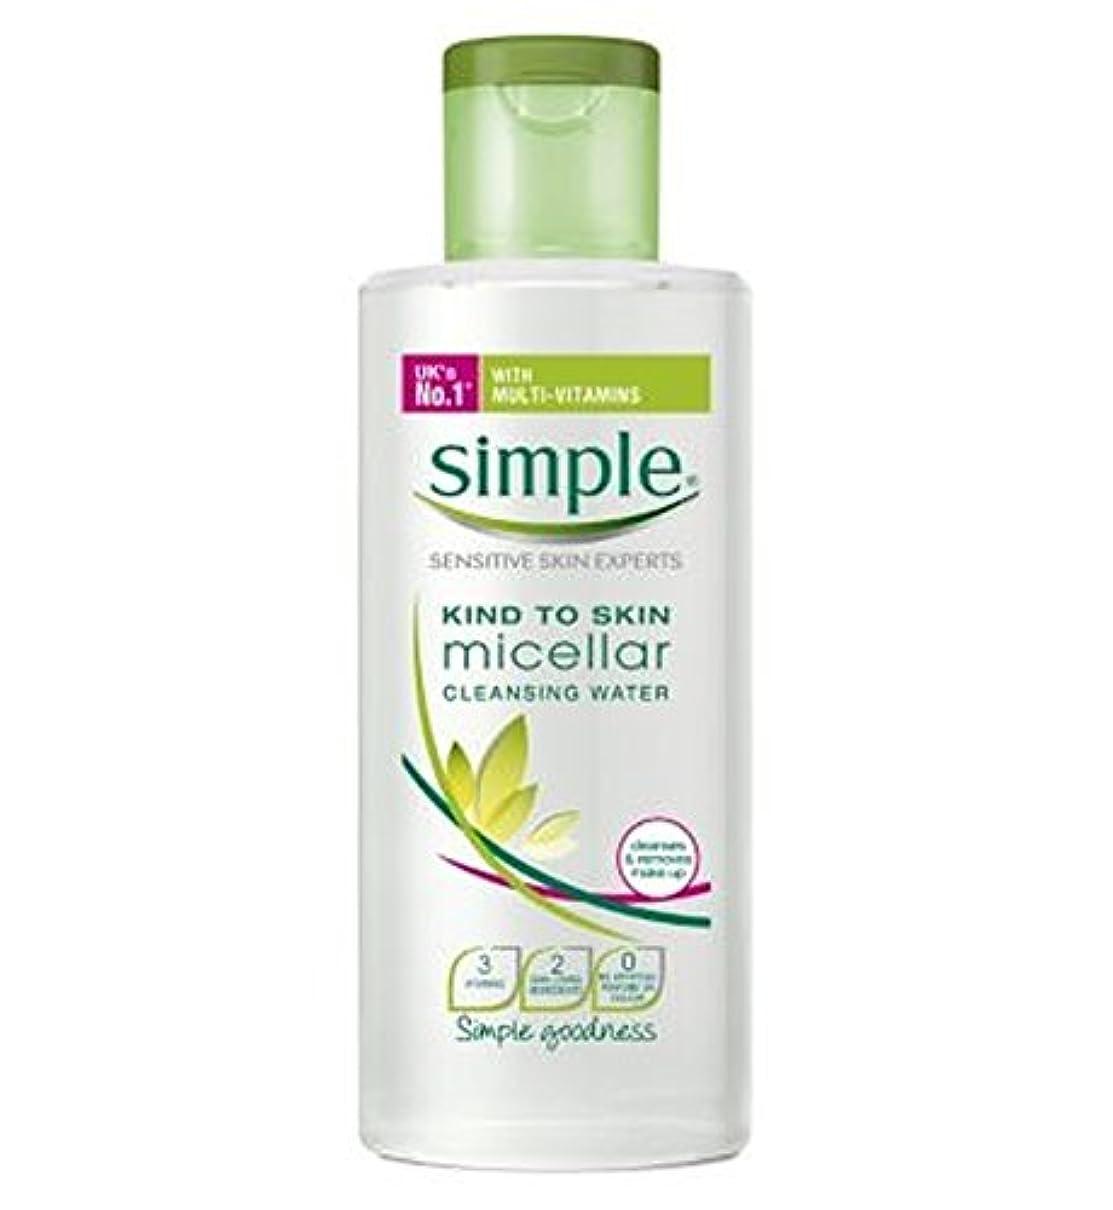 フレア名義で読みやすさ皮膚ミセル洗浄水200ミリリットルに簡単な種類 (Simple) (x2) - Simple Kind To Skin Micellar Cleansing Water 200ml (Pack of 2) [並行輸入品]